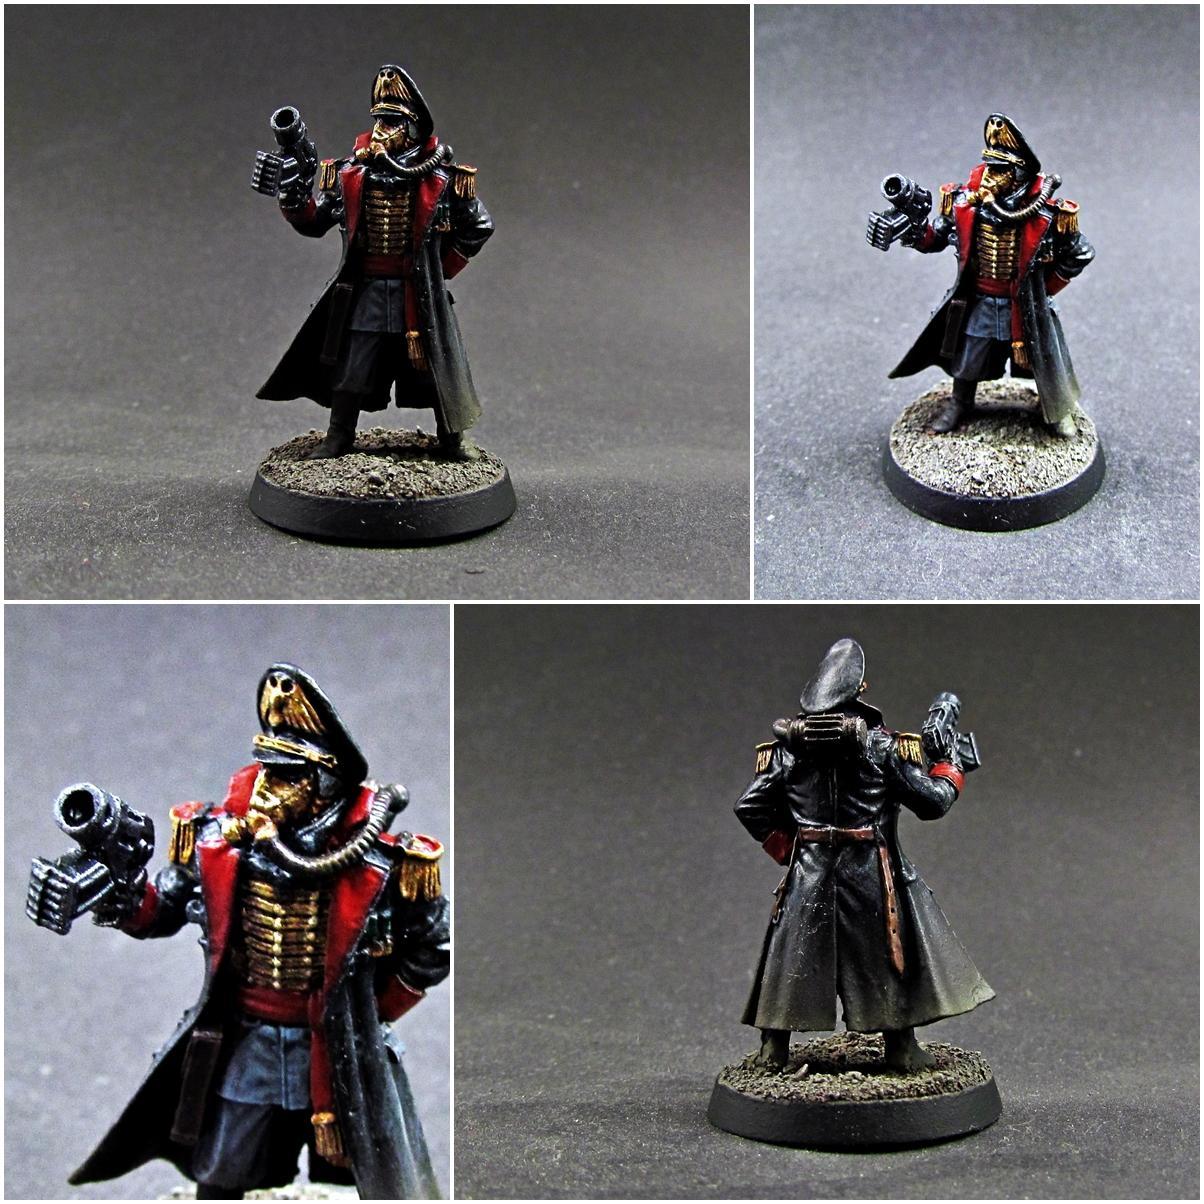 Death Korps of Krieg, Death Korps%3b Krieg%3b Imperial Guard, Death Korps; Krieg; Imperial Guard